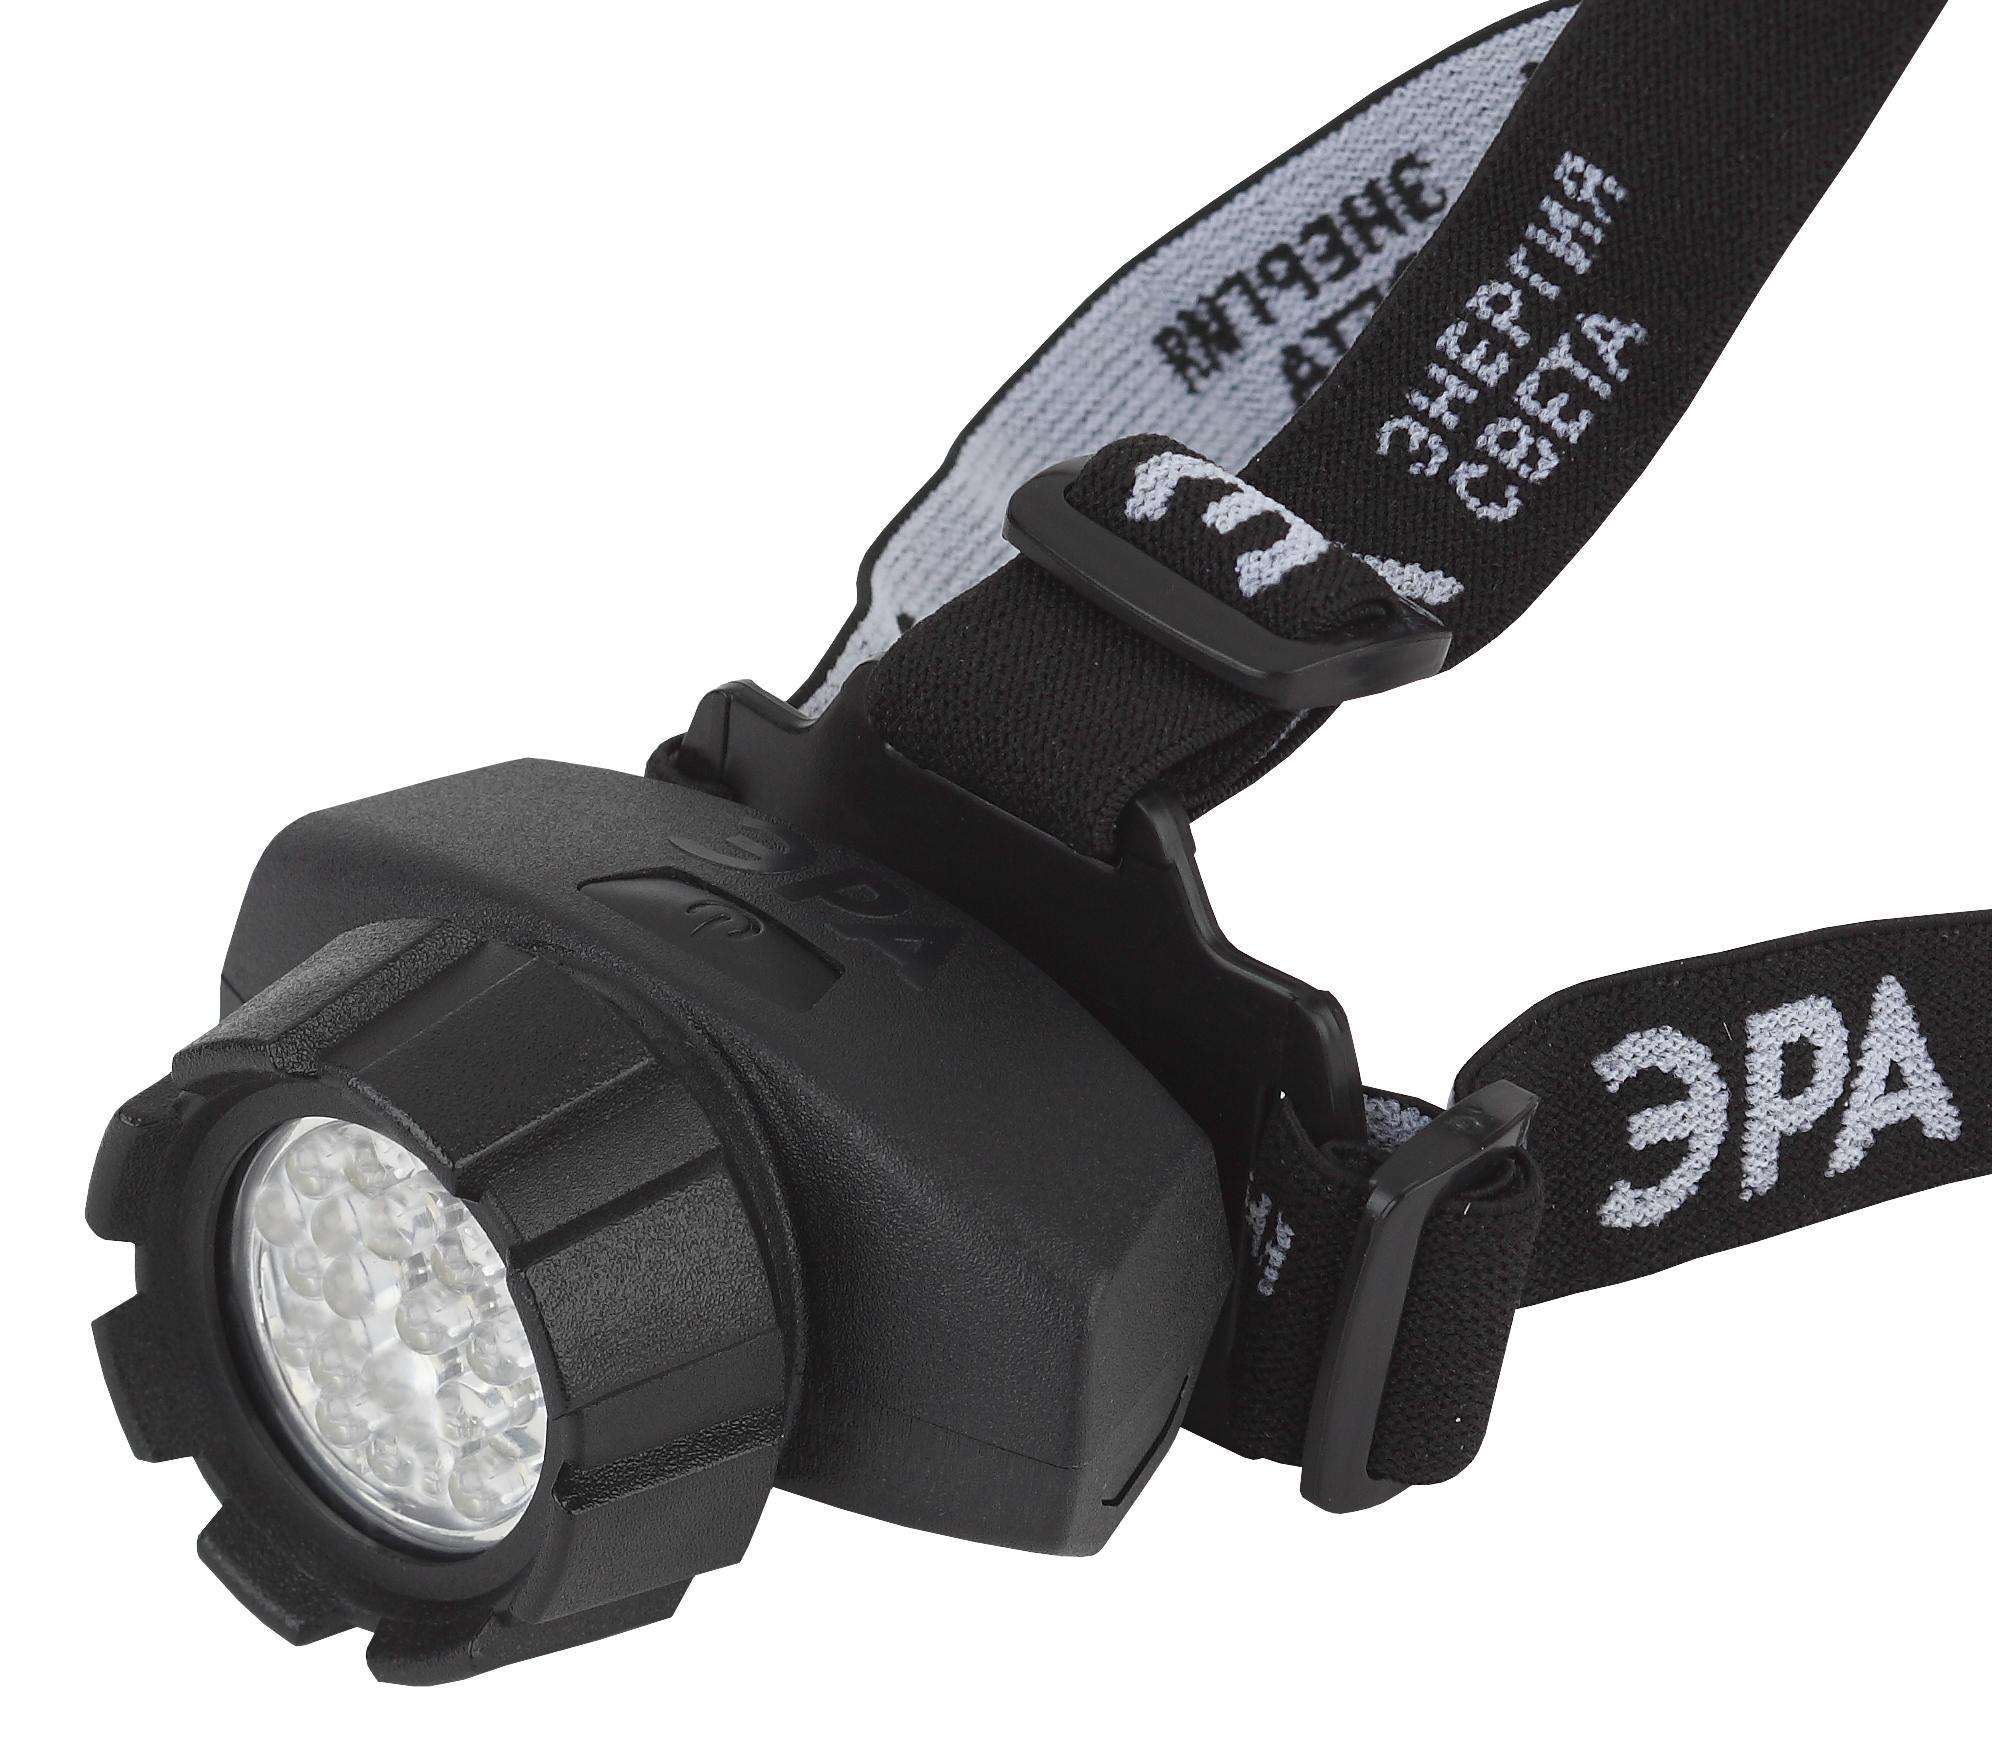 Фонарь ЭРА Gb-605 фонарь налобный эра 1w х led коллиматор